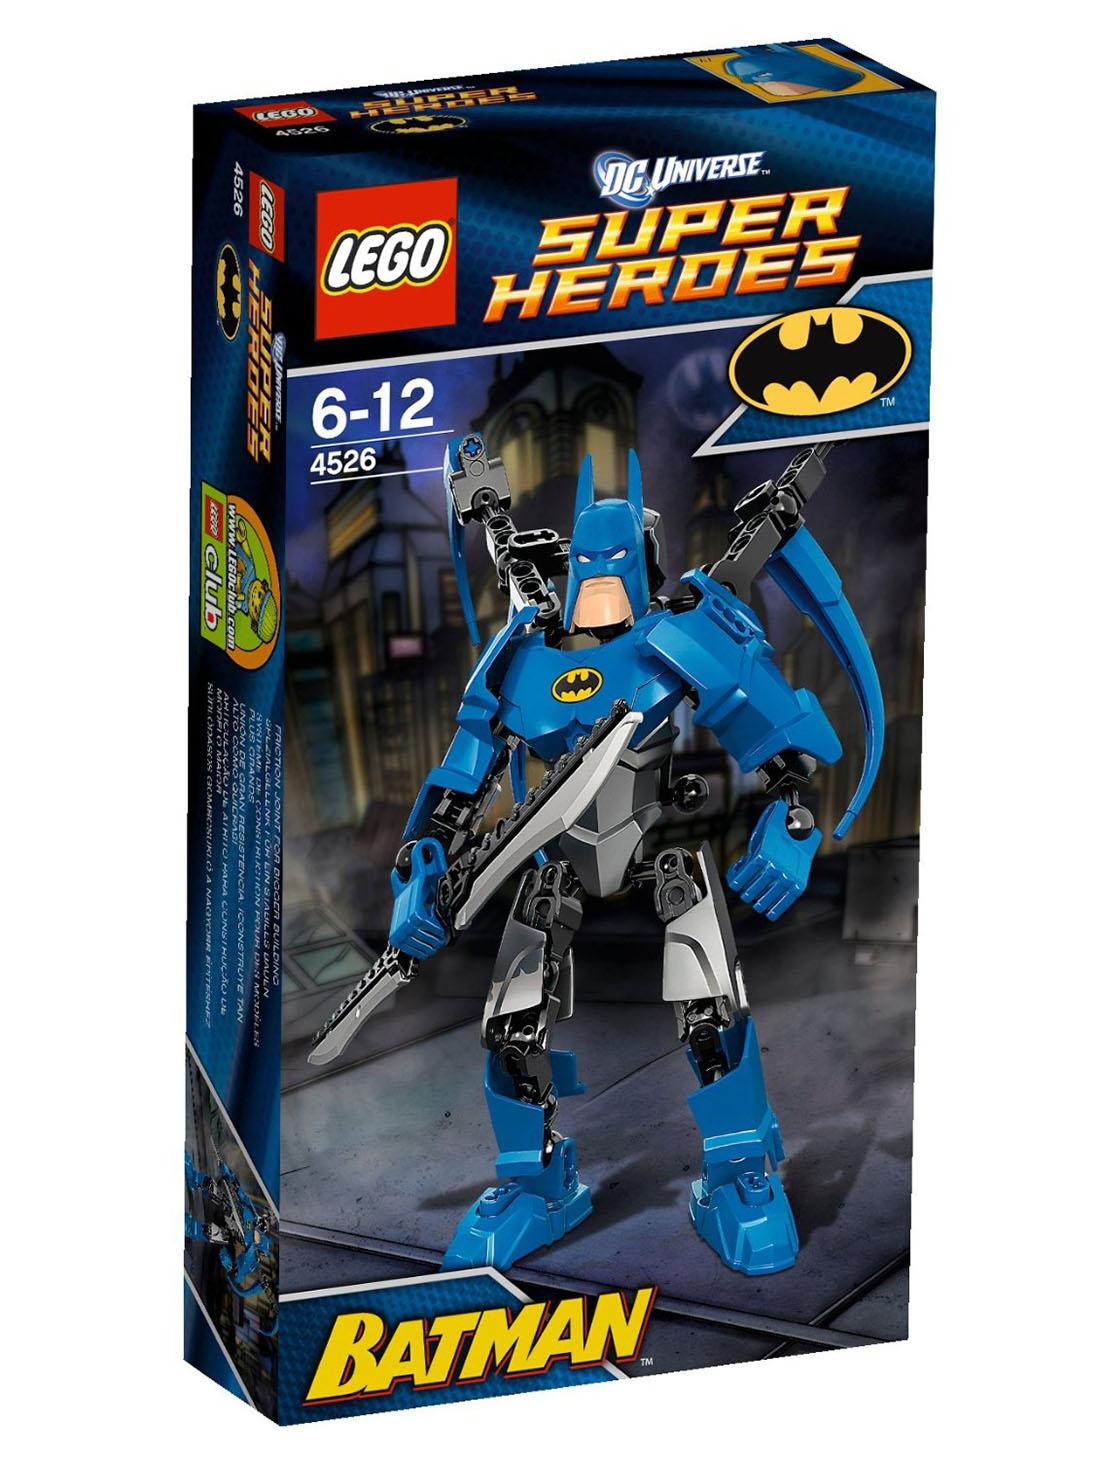 Lego dc comics super heroes 4526 pas cher batman - Jeux lego batman 2 gratuit ...